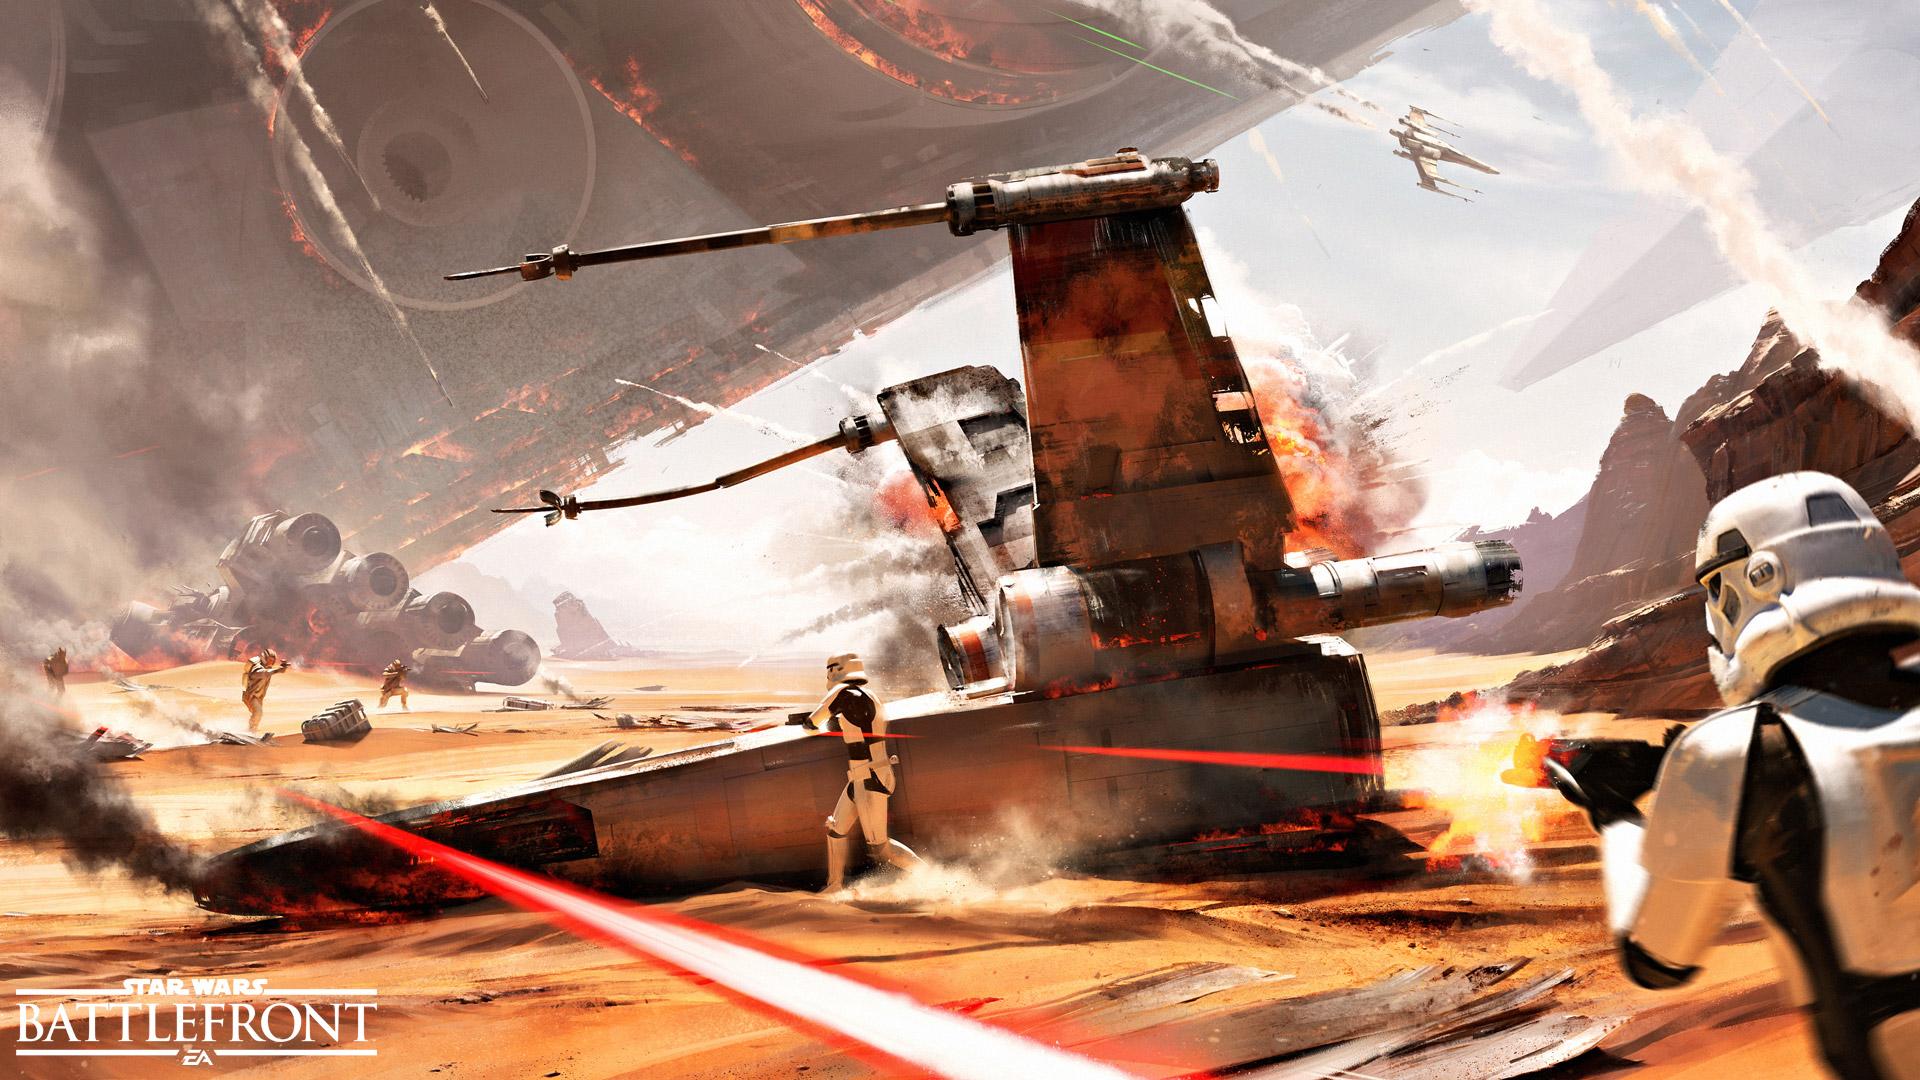 Konzeptzeichnung für die Schlacht von Jakku